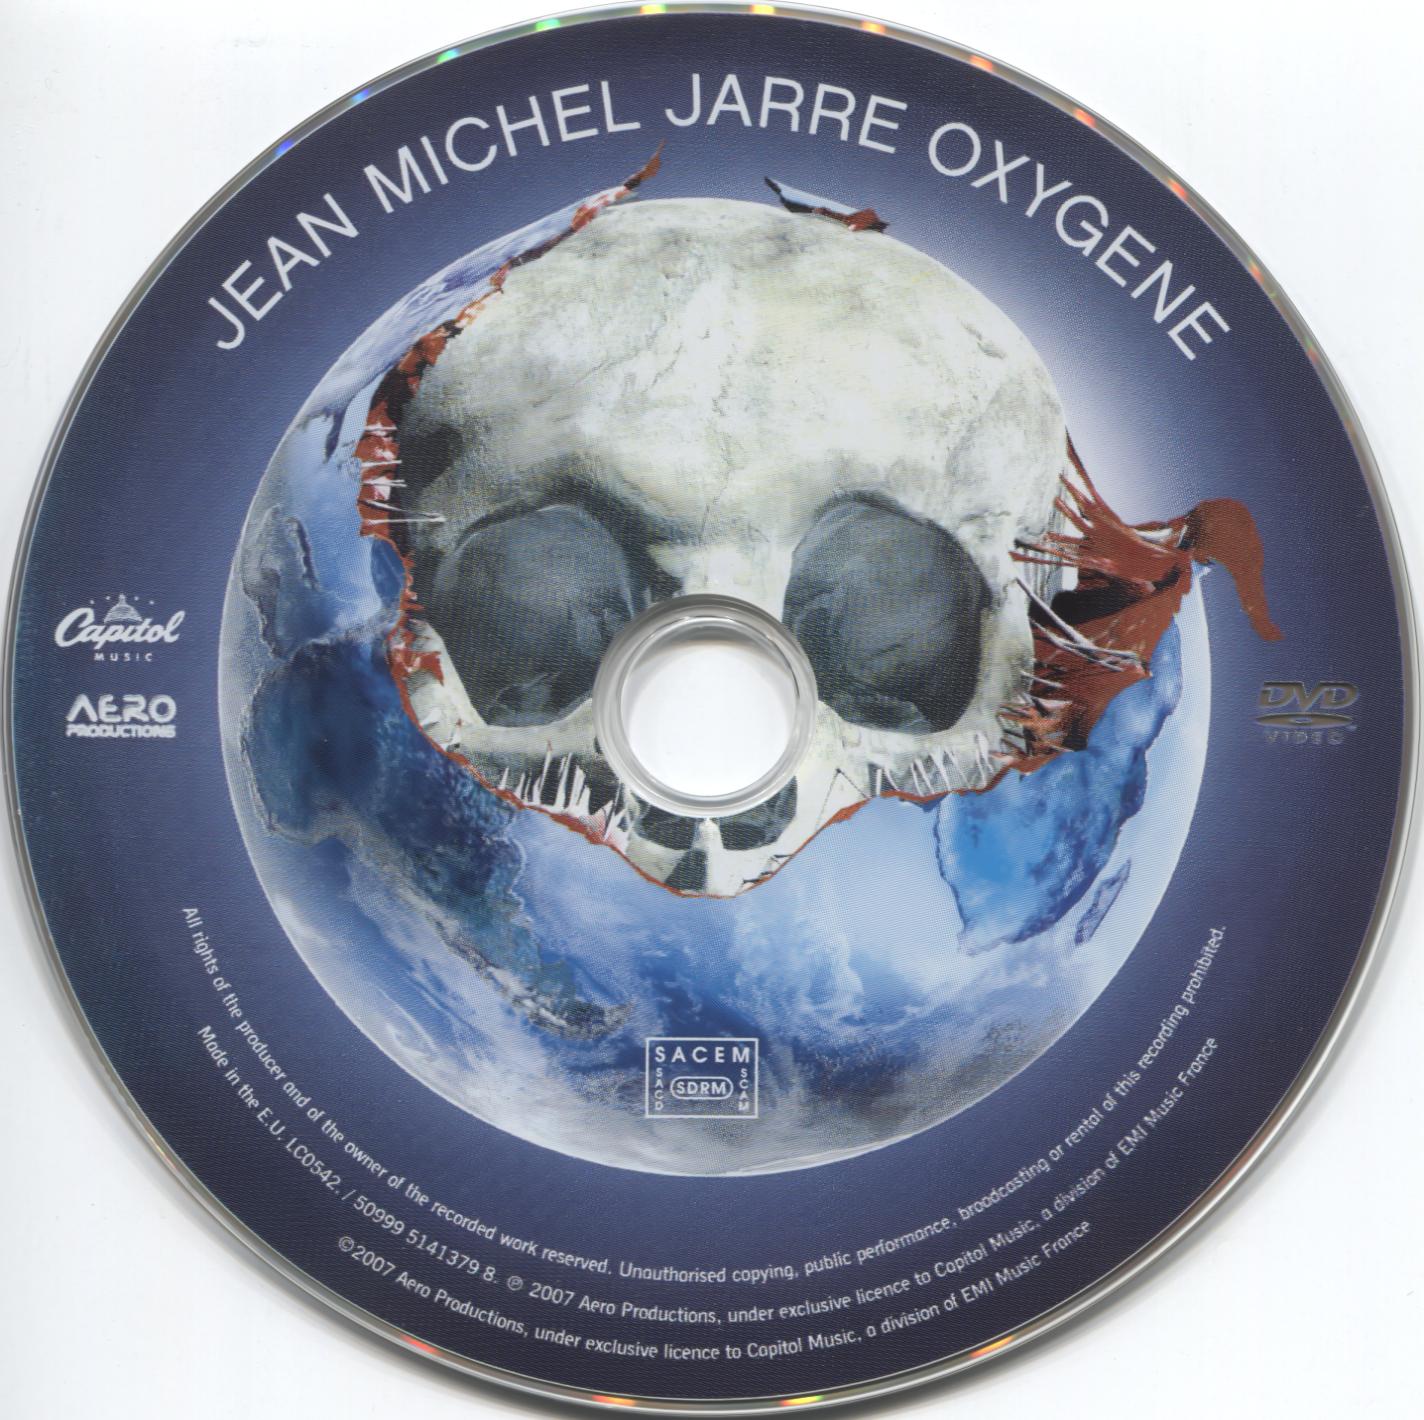 oxygene30_dvd.jpg